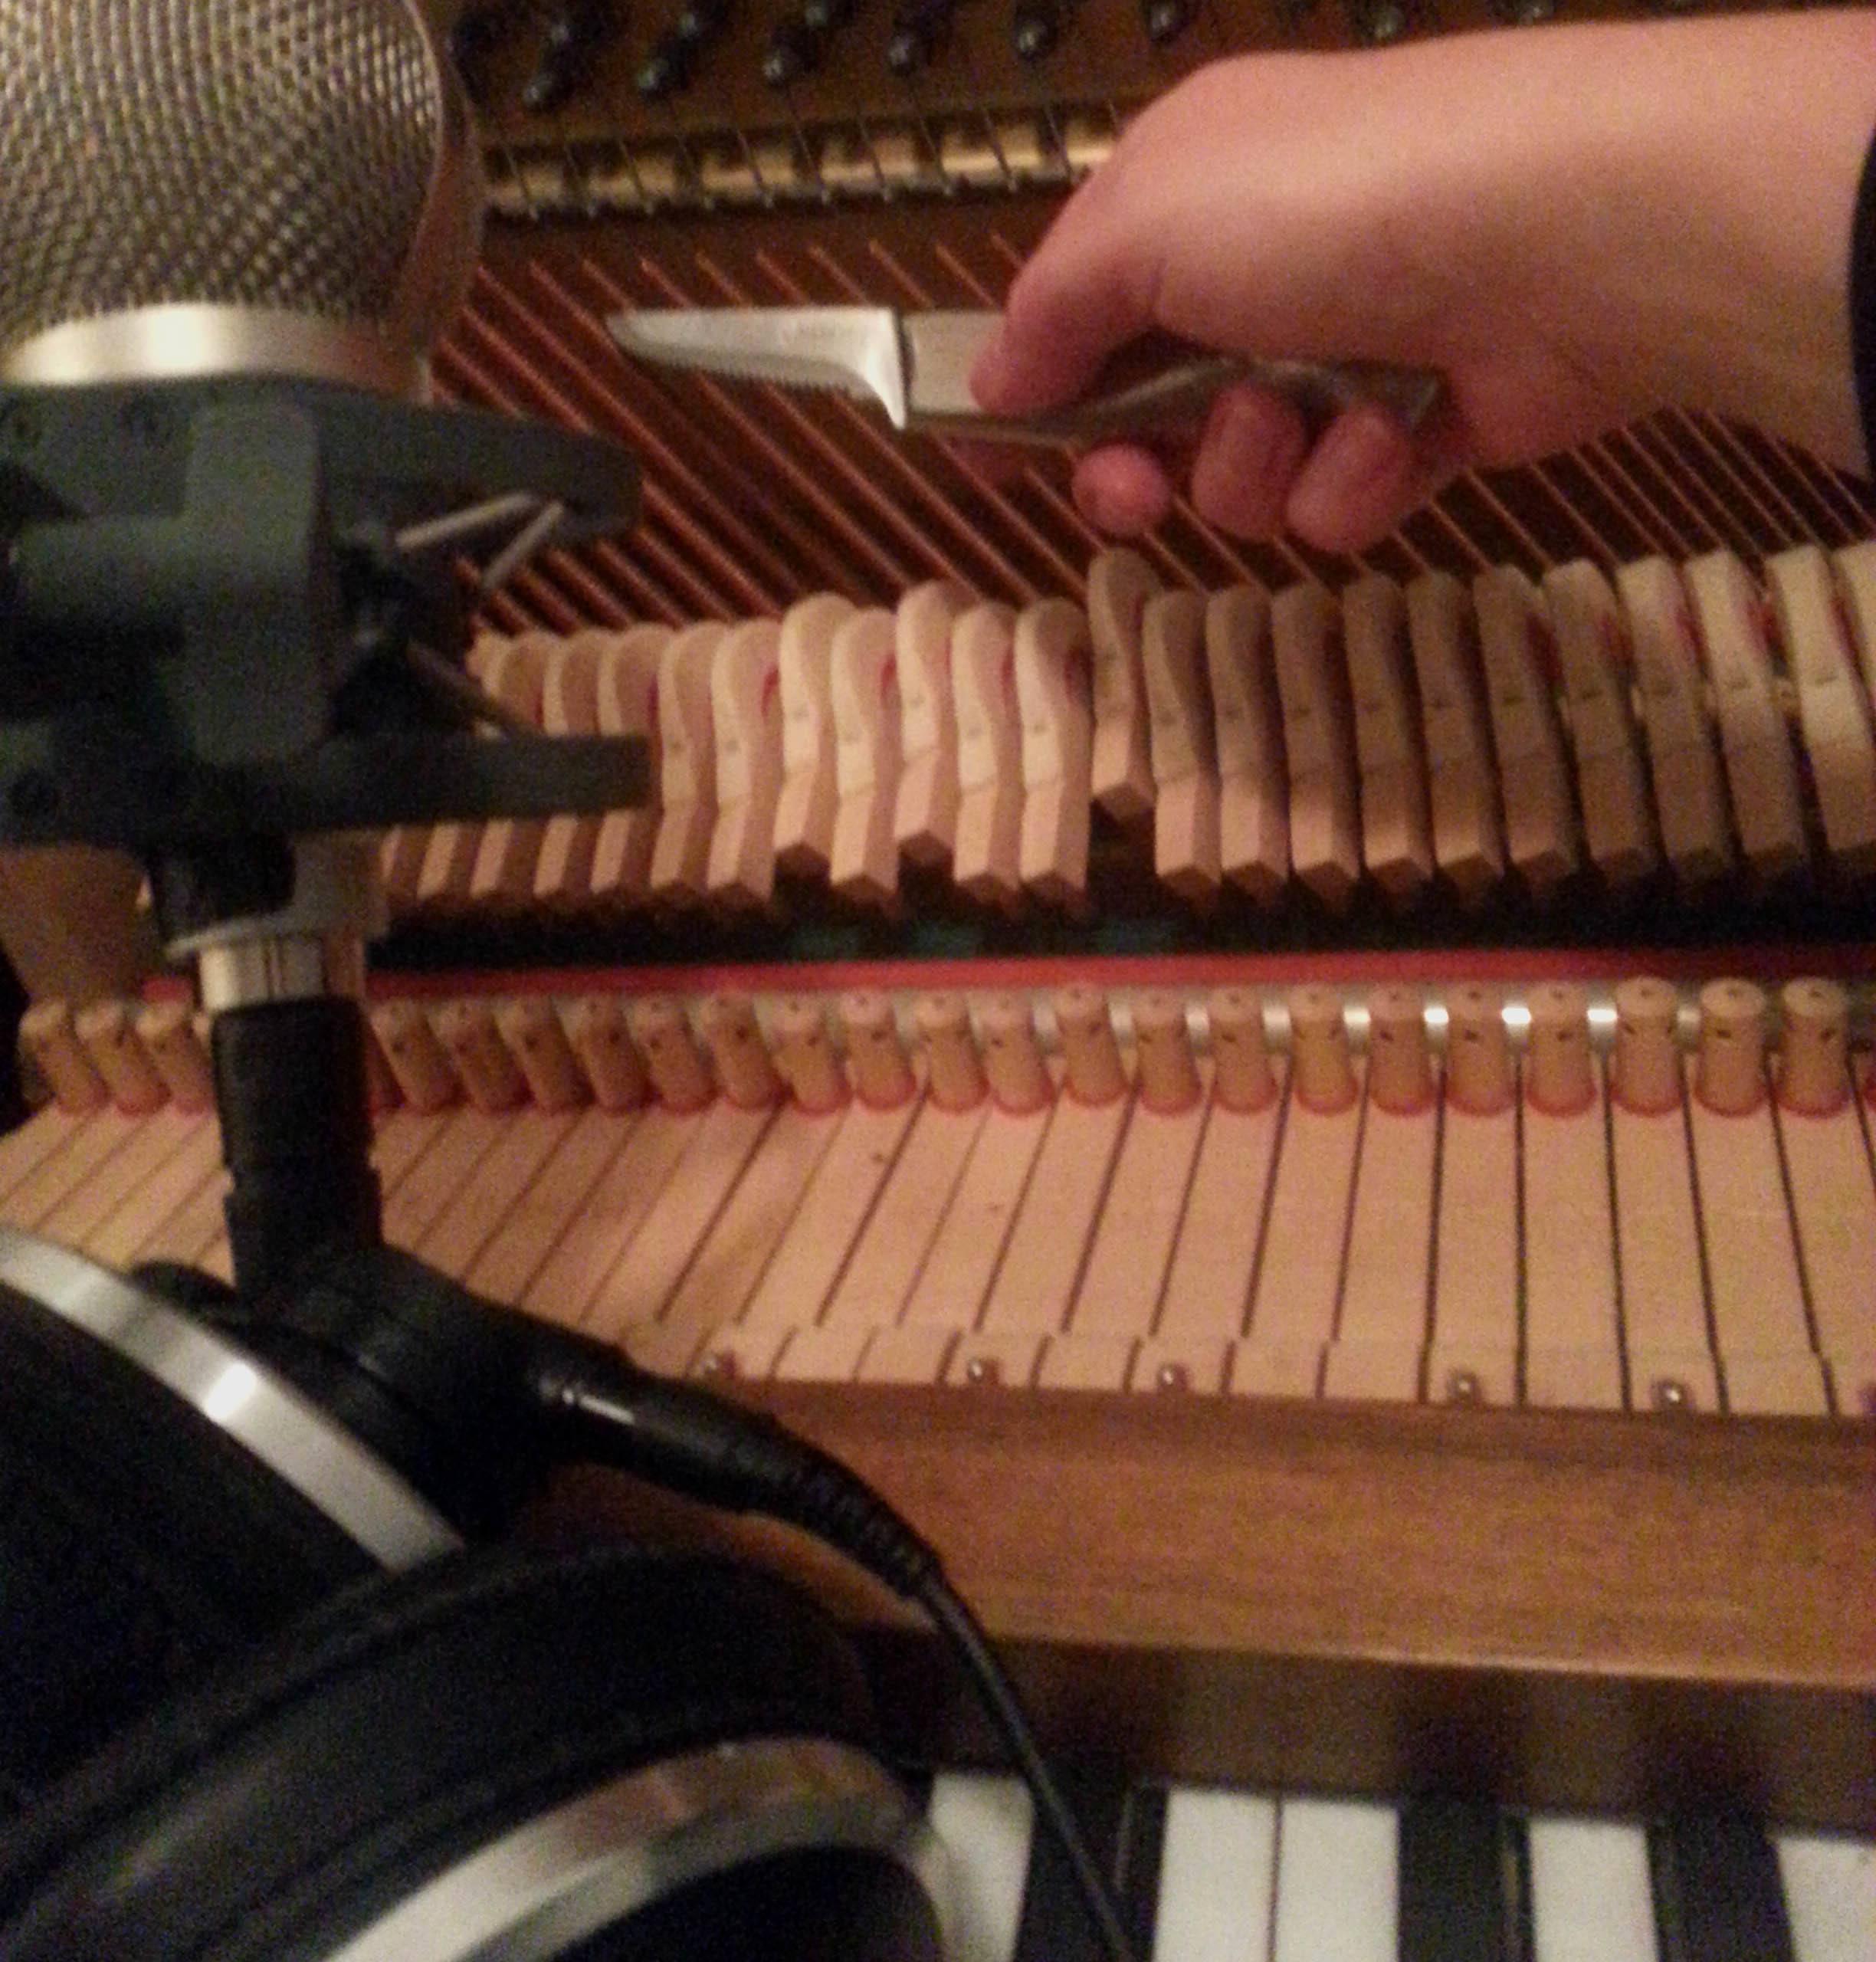 I arbejdet med EP'en Twilight Dreams eksperimenterede jeg bl.a. med alternative lyde fra mit klaver